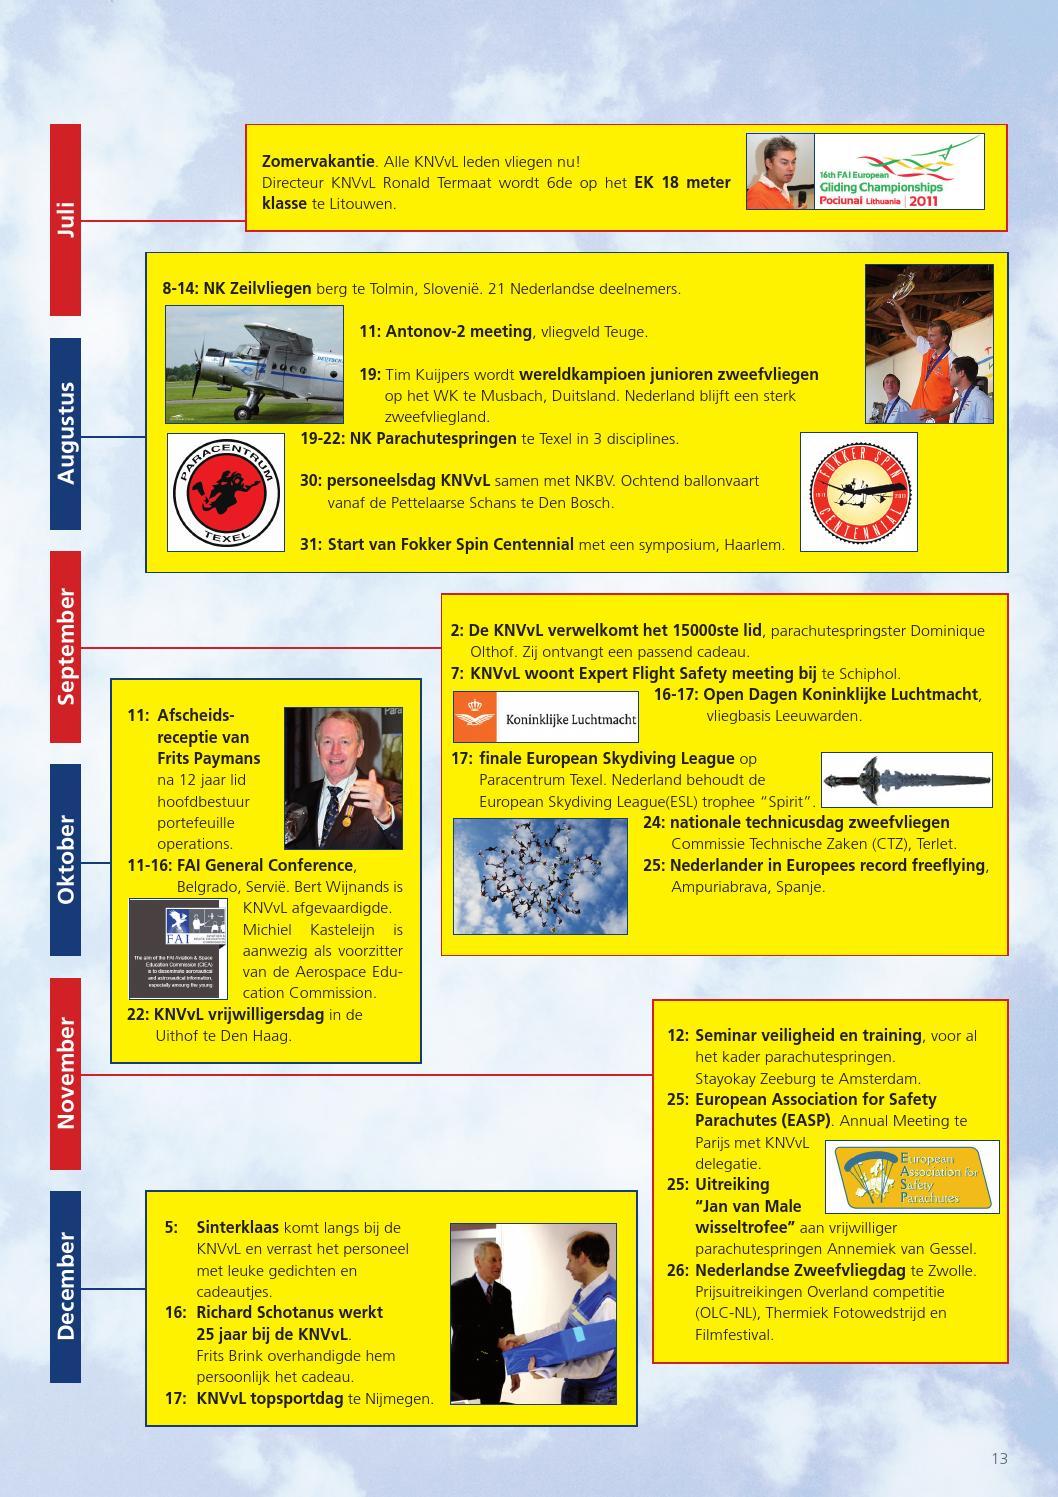 Jaarverslag Knvvl 2011 By Koninklijke Nederlandse Vereniging